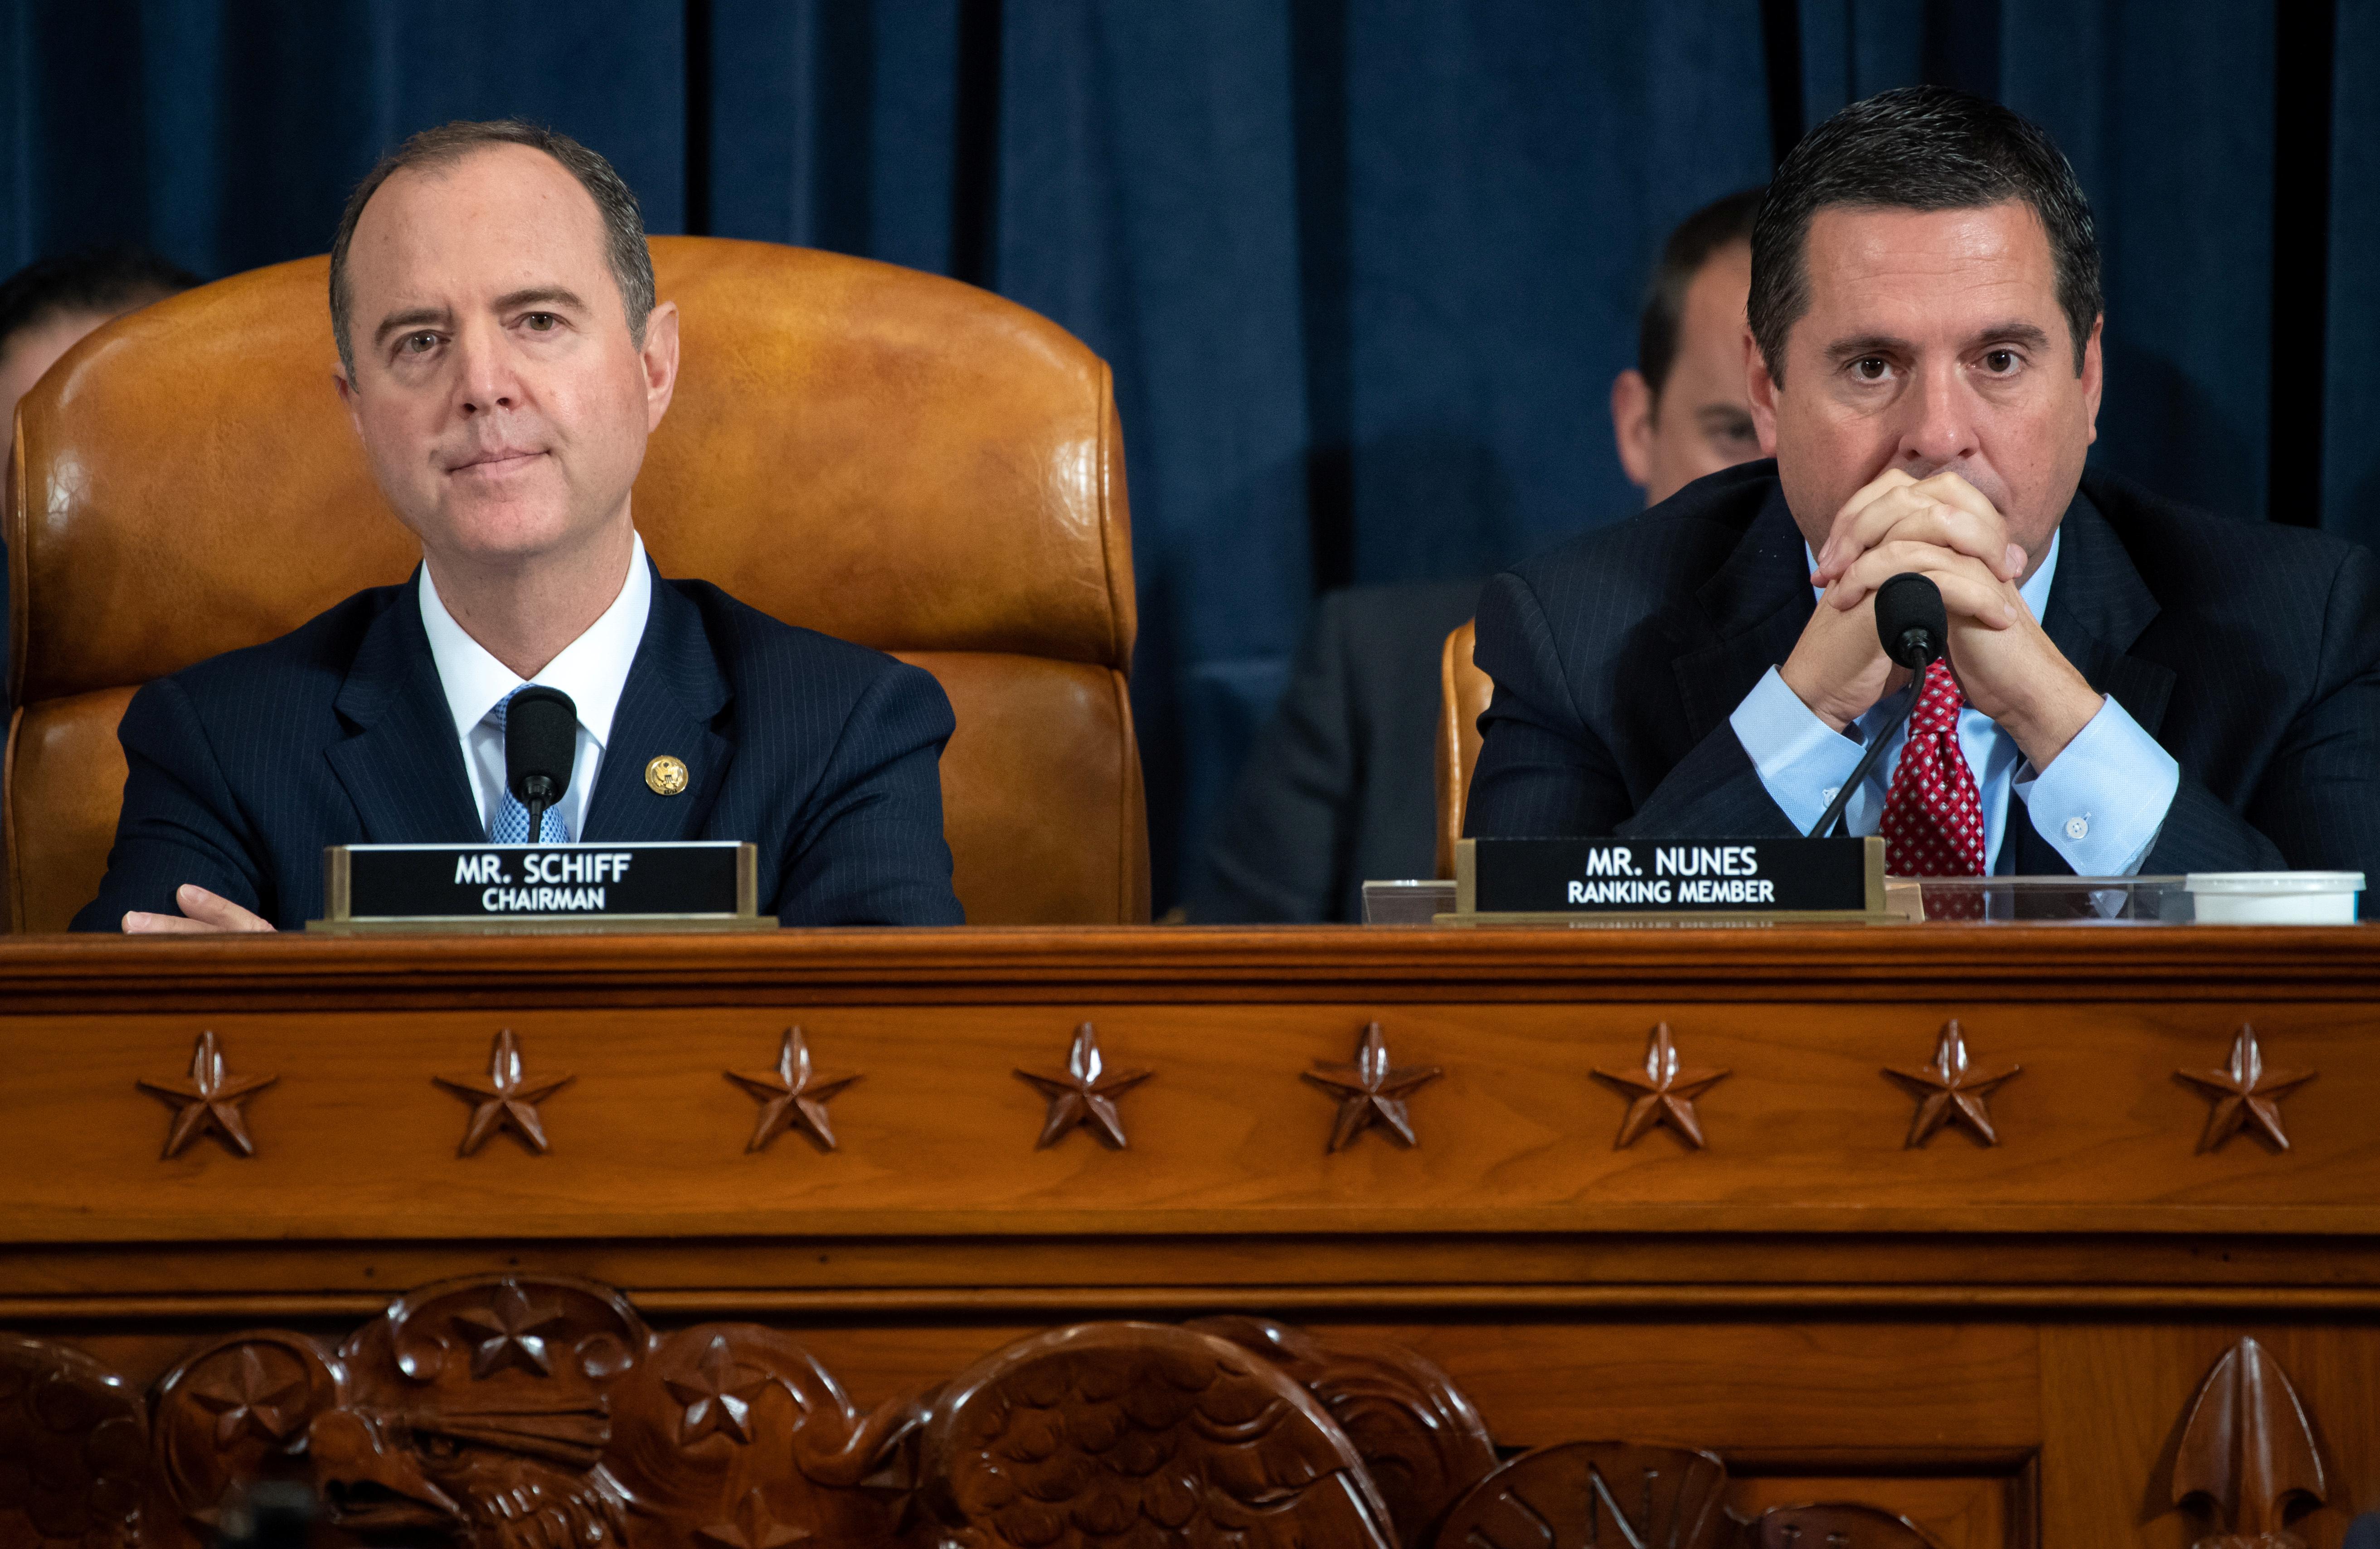 Trump impeachment hearings focus on Ukraine pressure campaign in...